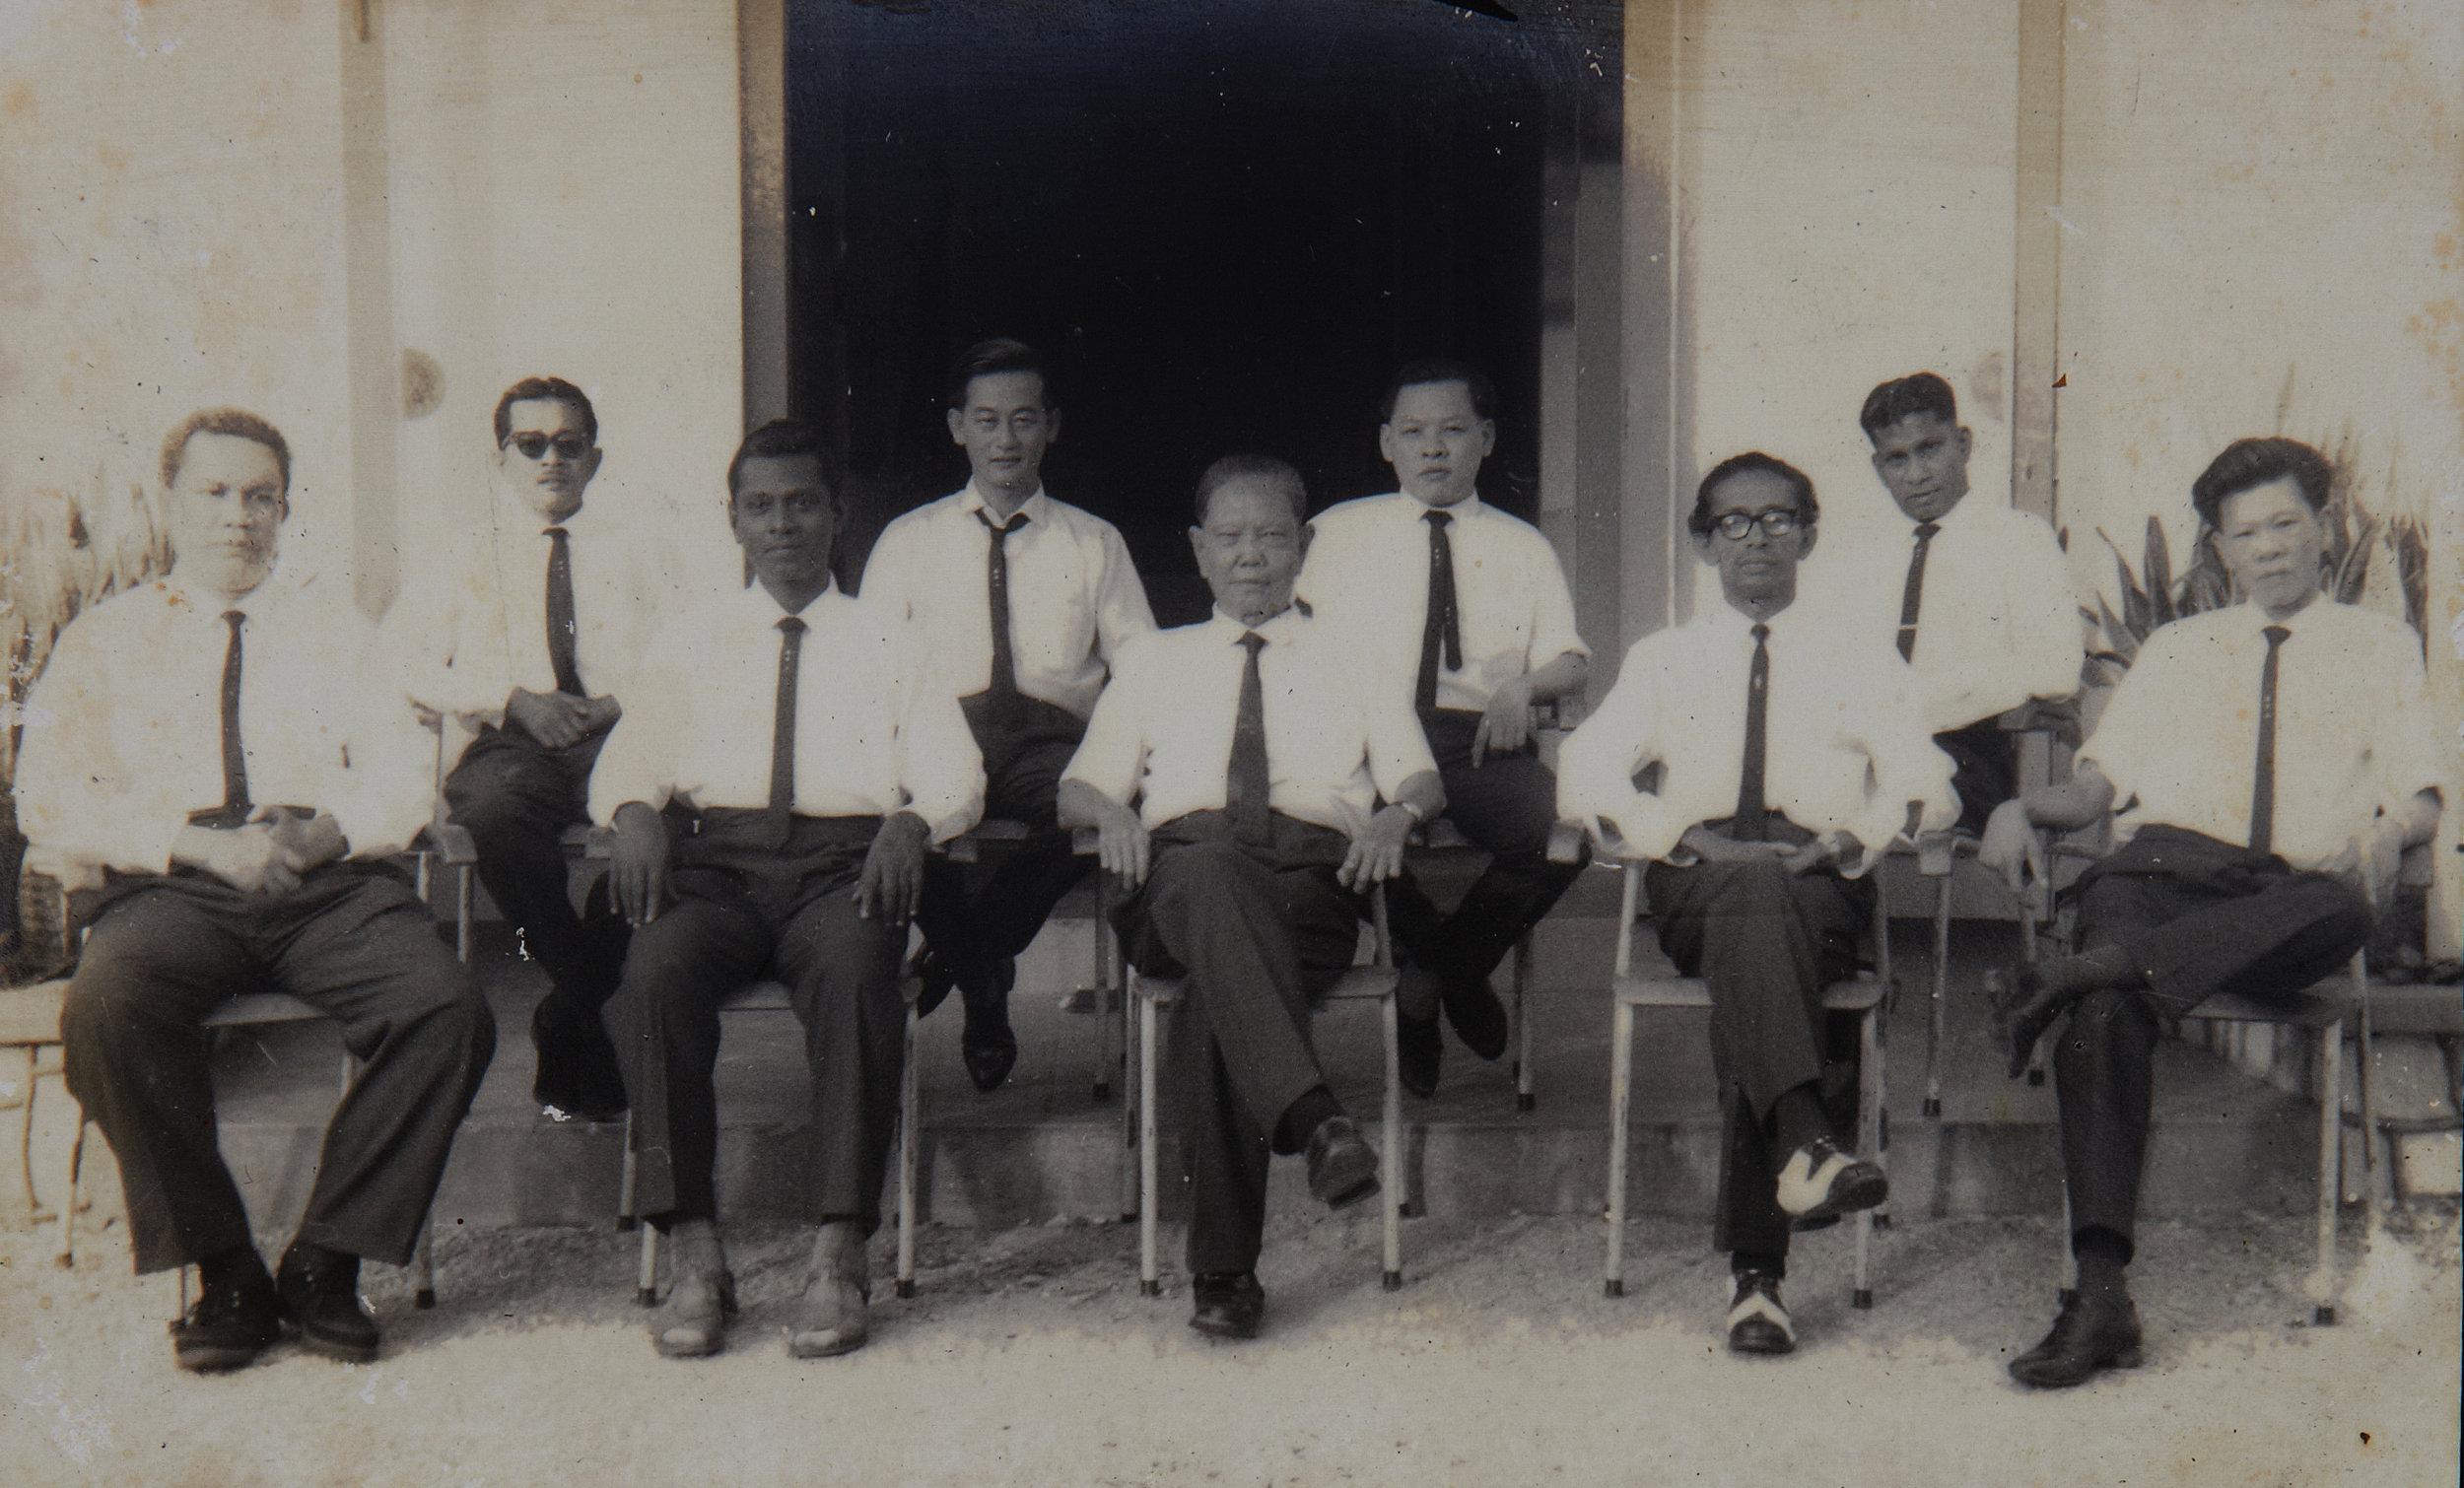 第一届双溪毛糯麻疯病院参议会理事全体照。(照片由辛纳旦比提供)